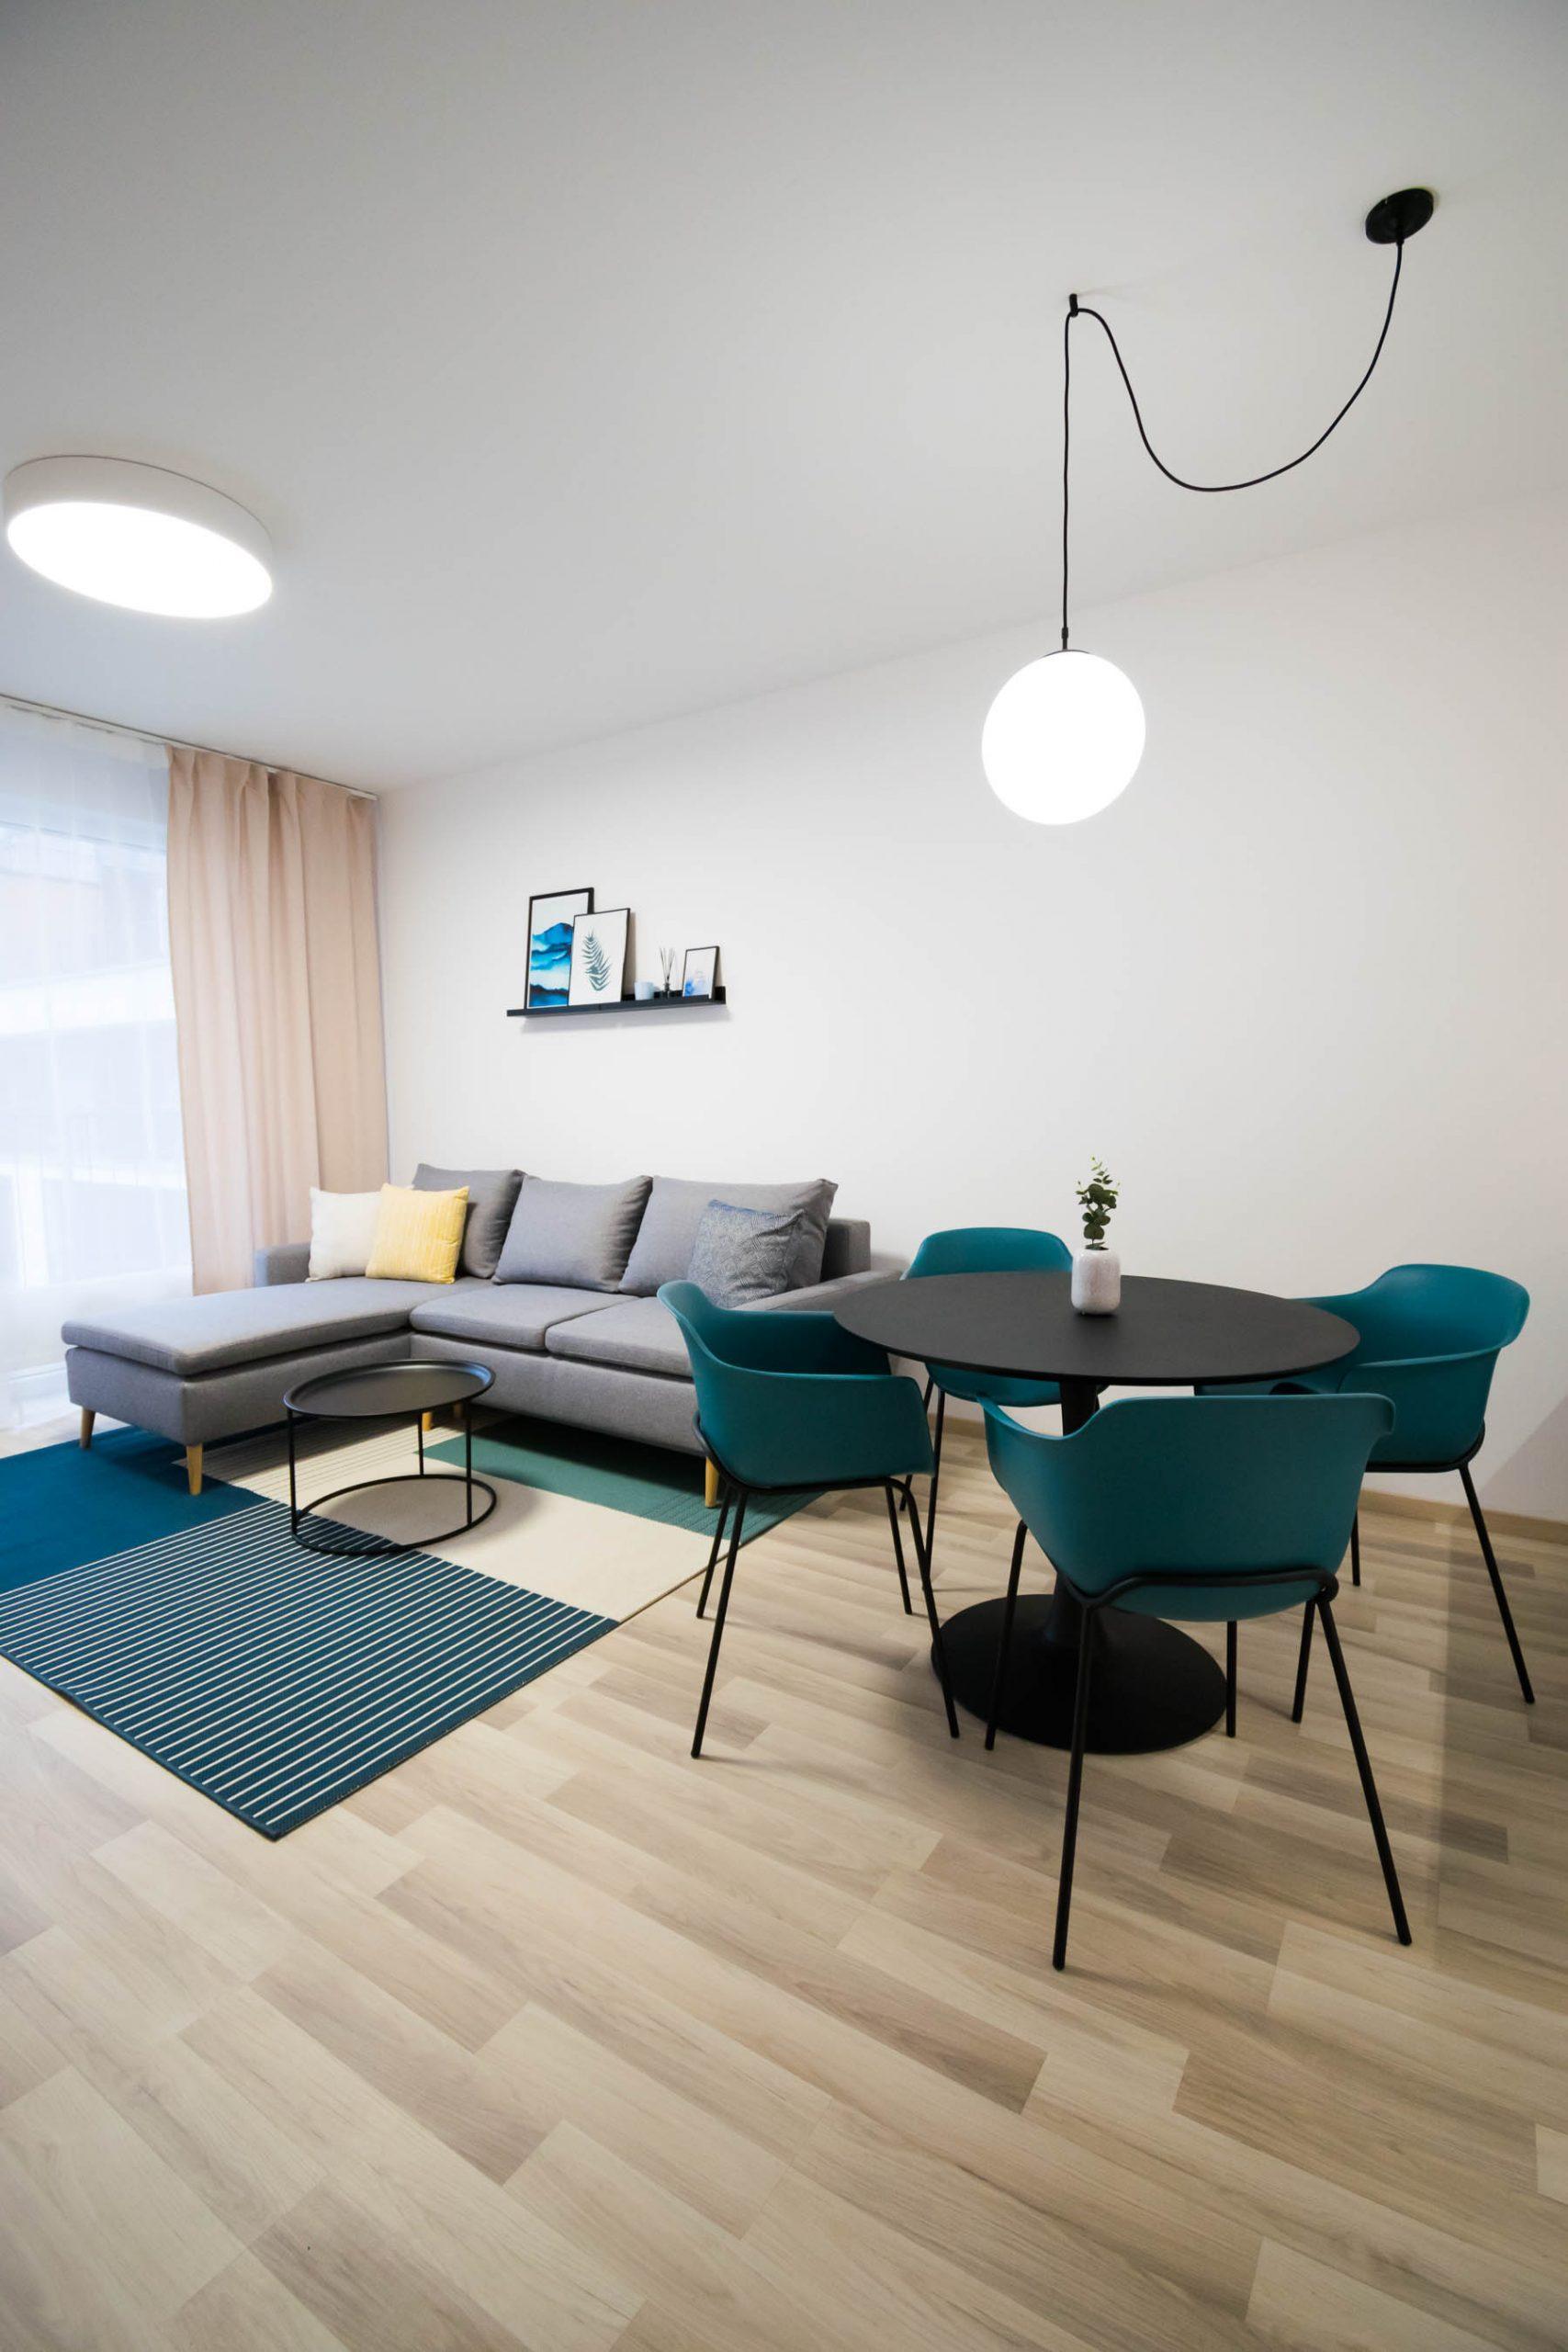 Interiér nájomného bytu, Bratislava, obývacia izba, VAUarchitects